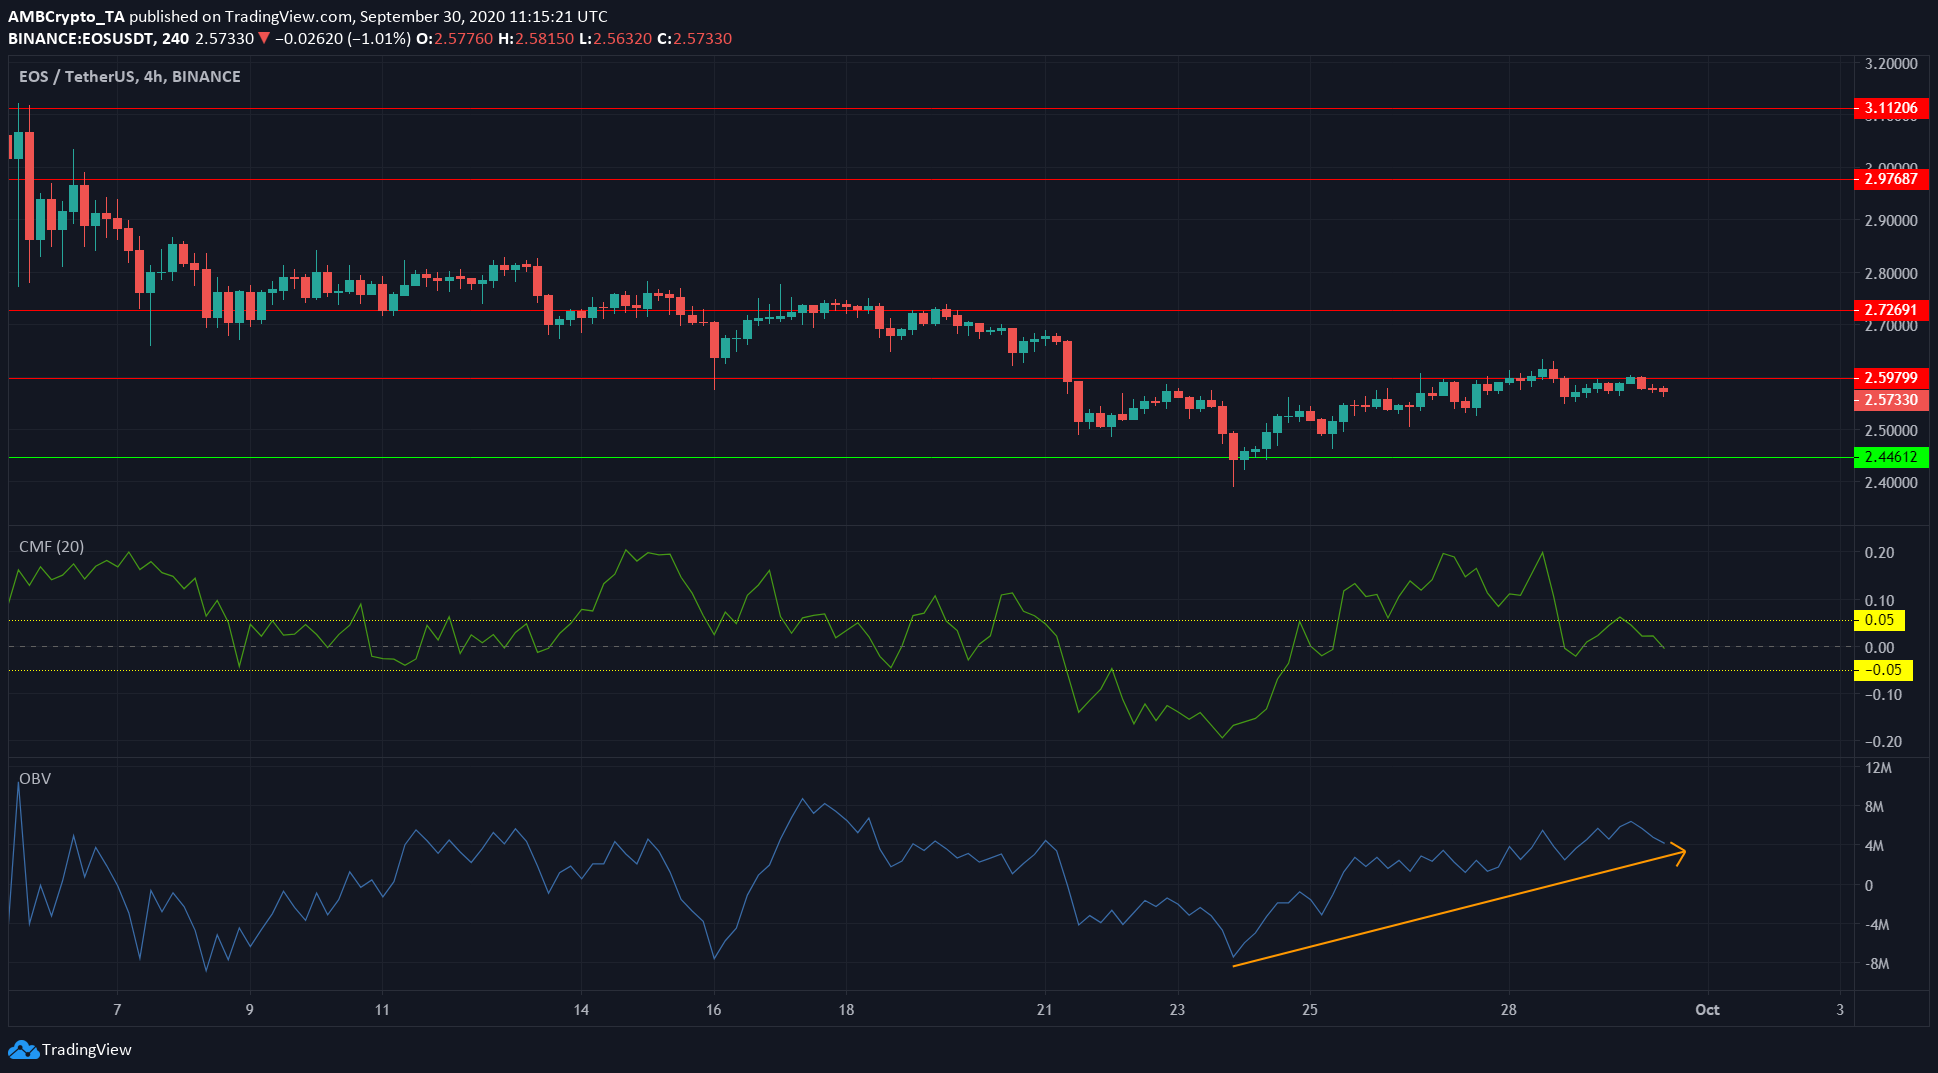 EOS, DigiByte, Tezos Price Analysis: 30 September